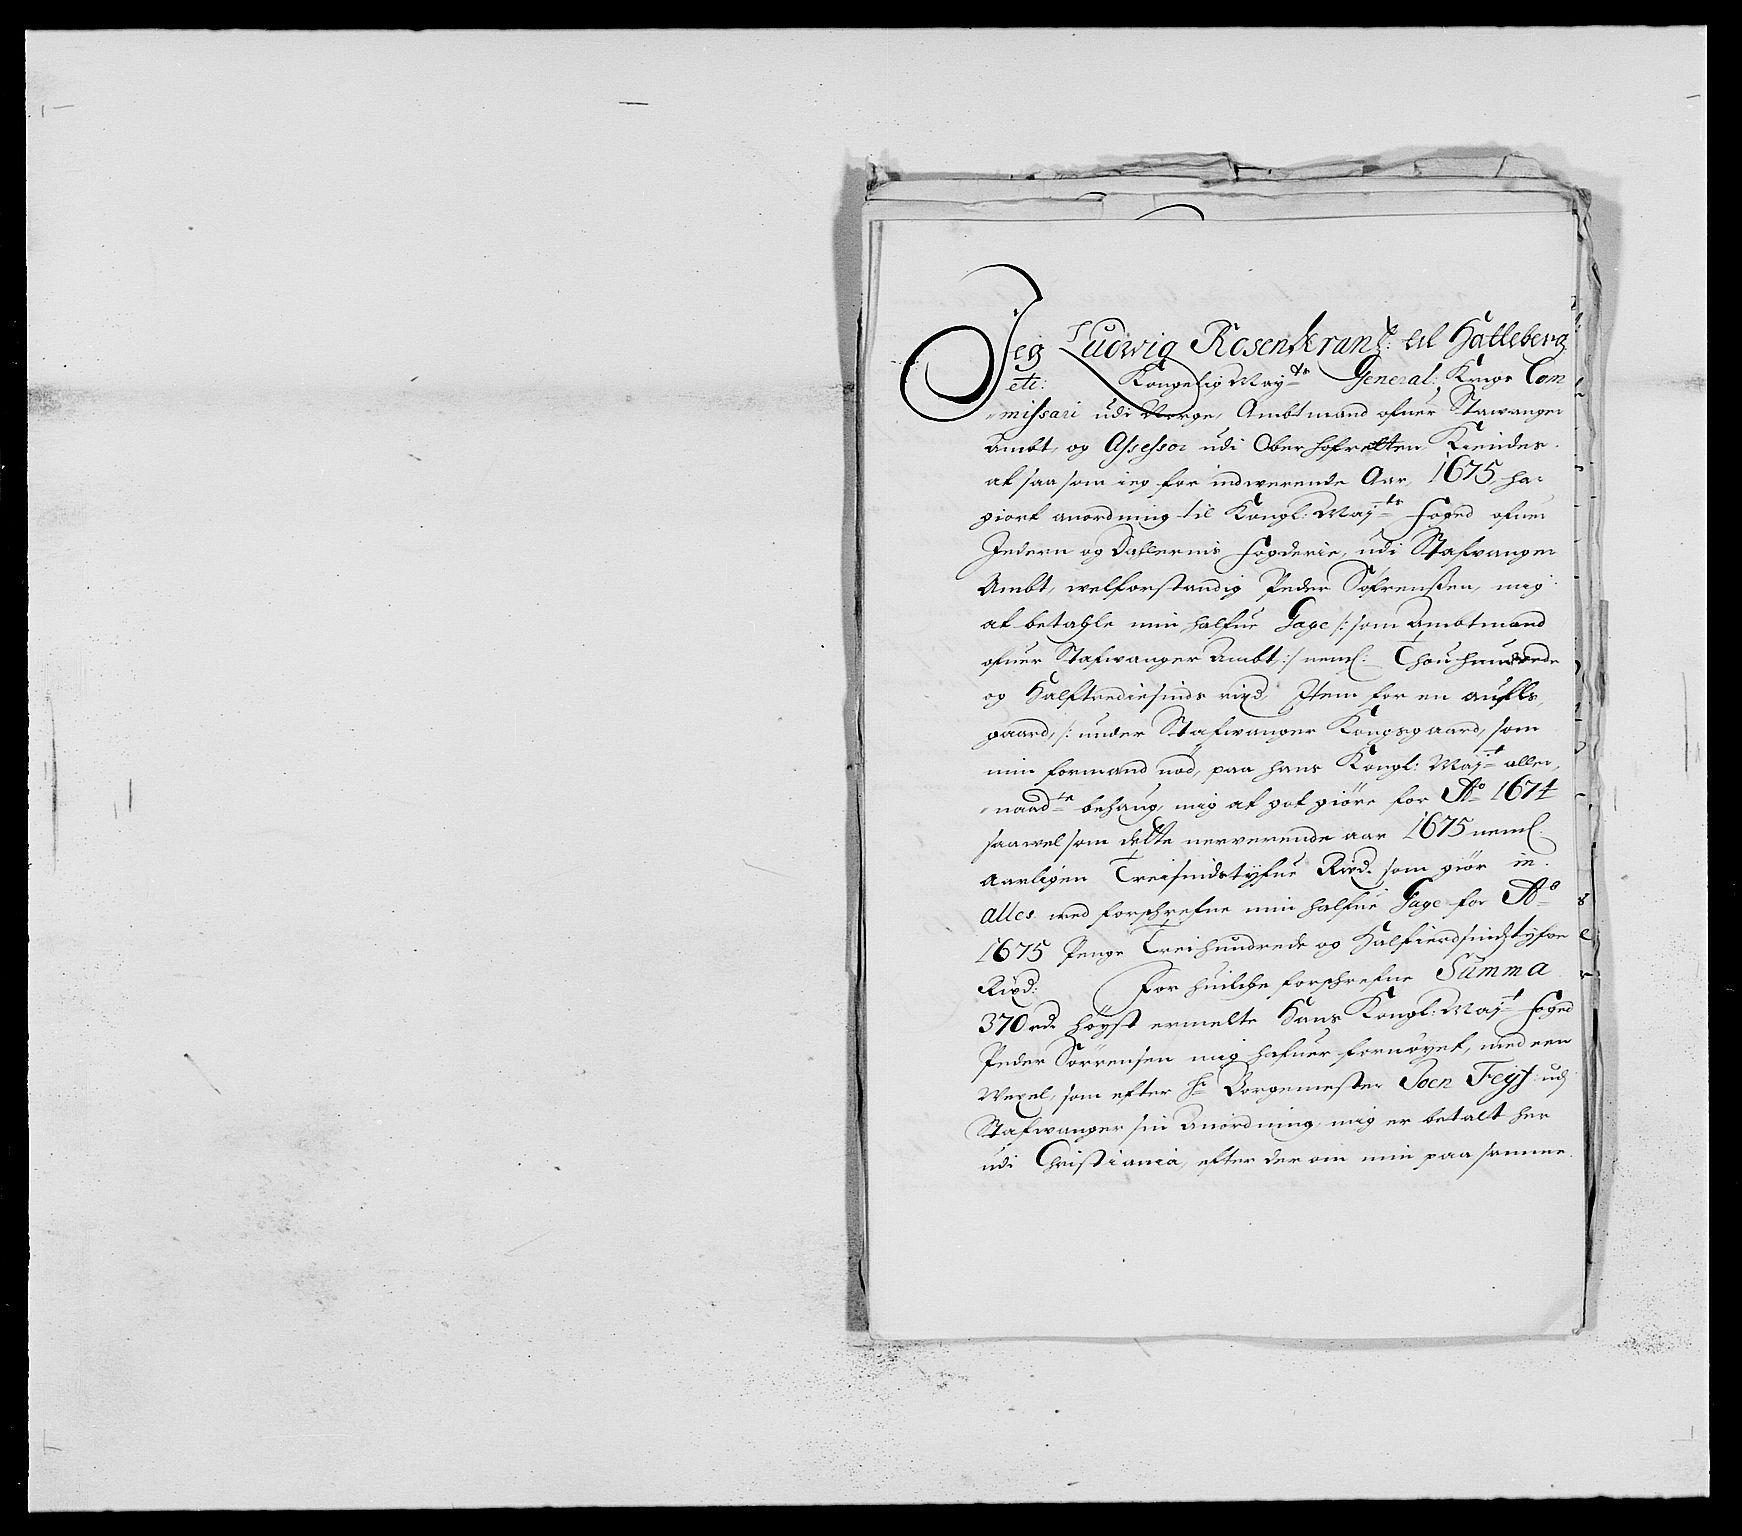 RA, Rentekammeret inntil 1814, Reviderte regnskaper, Fogderegnskap, R46/L2715: Fogderegnskap Jæren og Dalane, 1675, s. 334